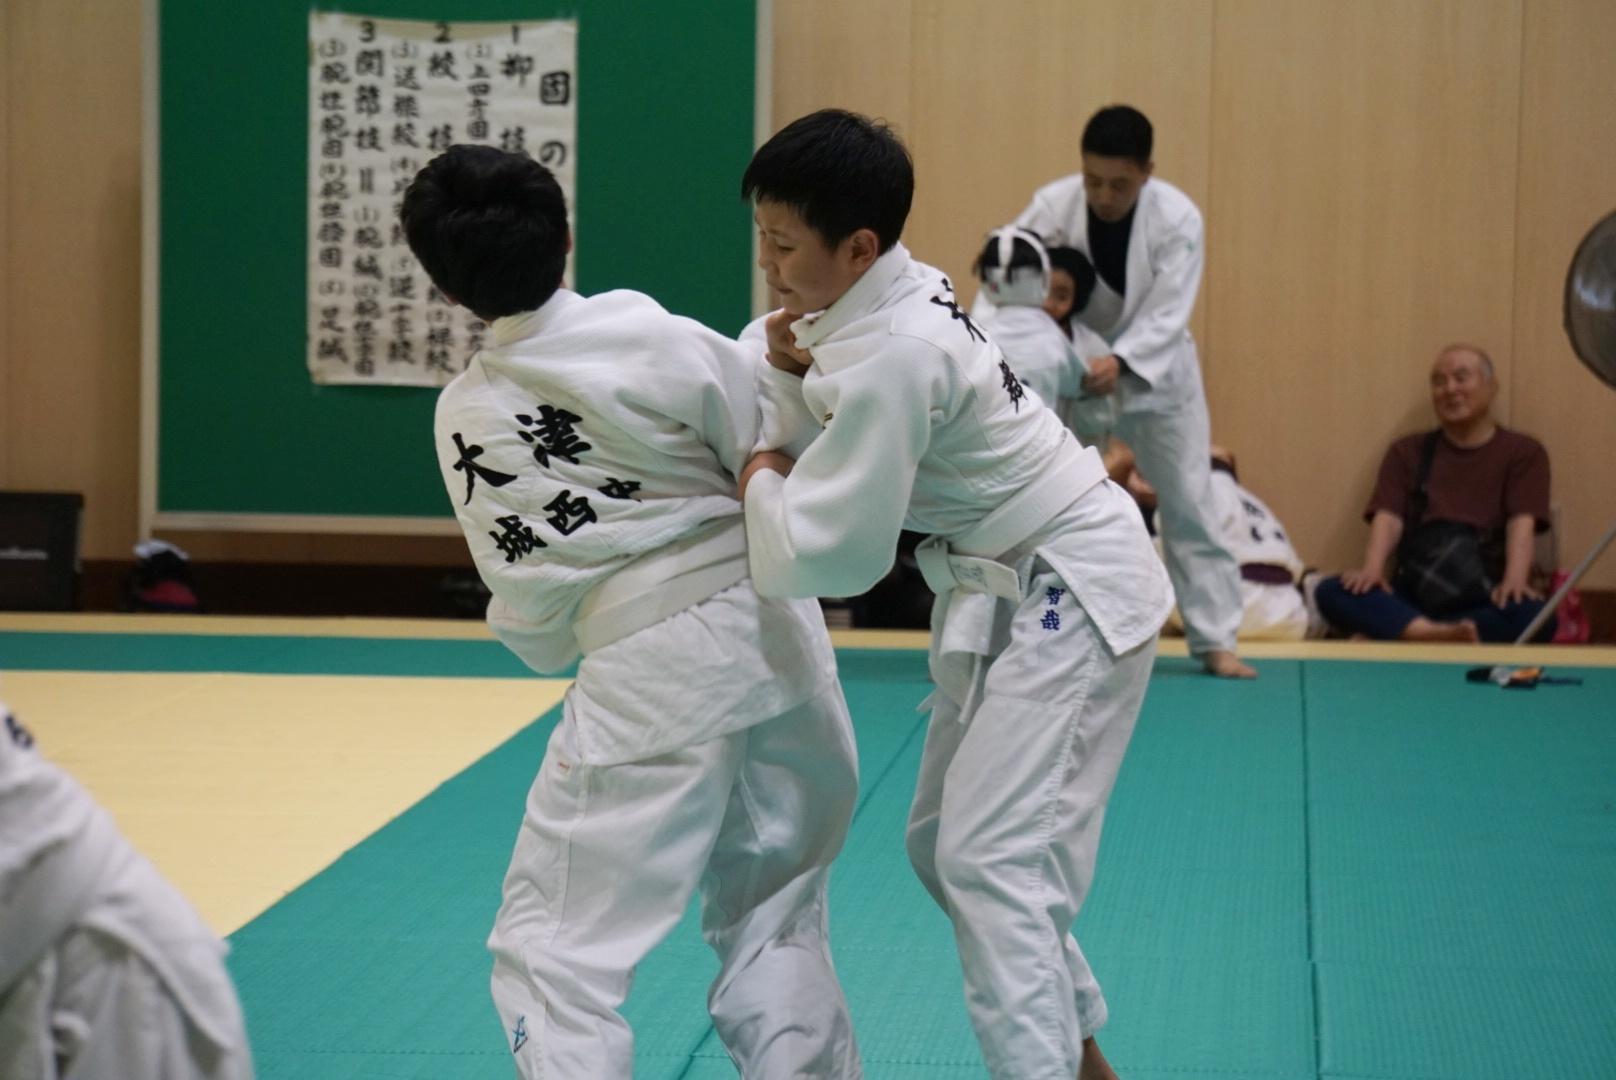 2019 全国中学校柔道大会_b0172494_21460608.jpg